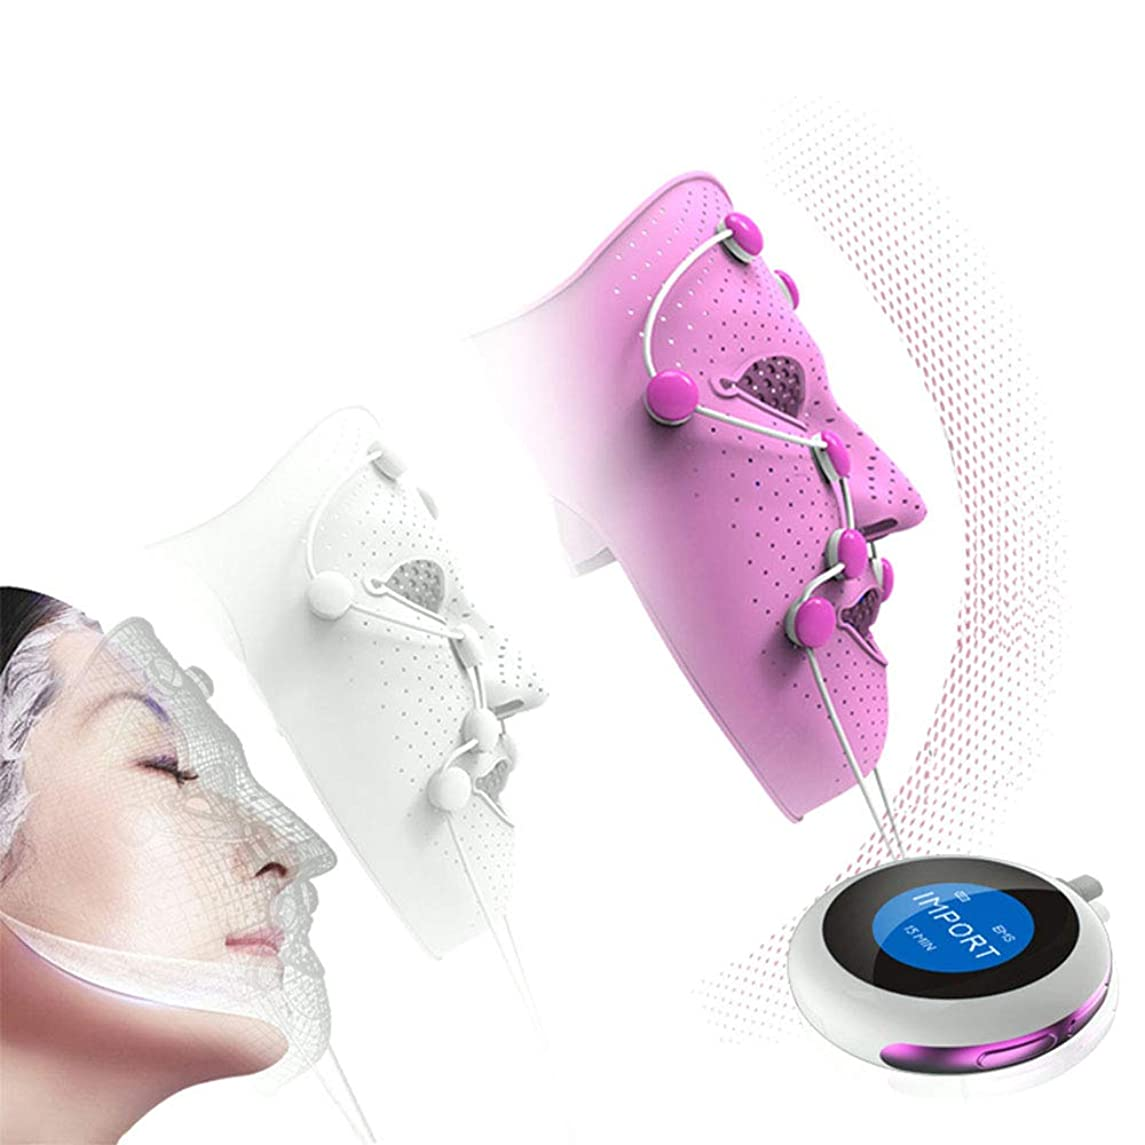 略語ガードソースマスクの器械の美の表面カバーEMSの顔の解毒の美装置